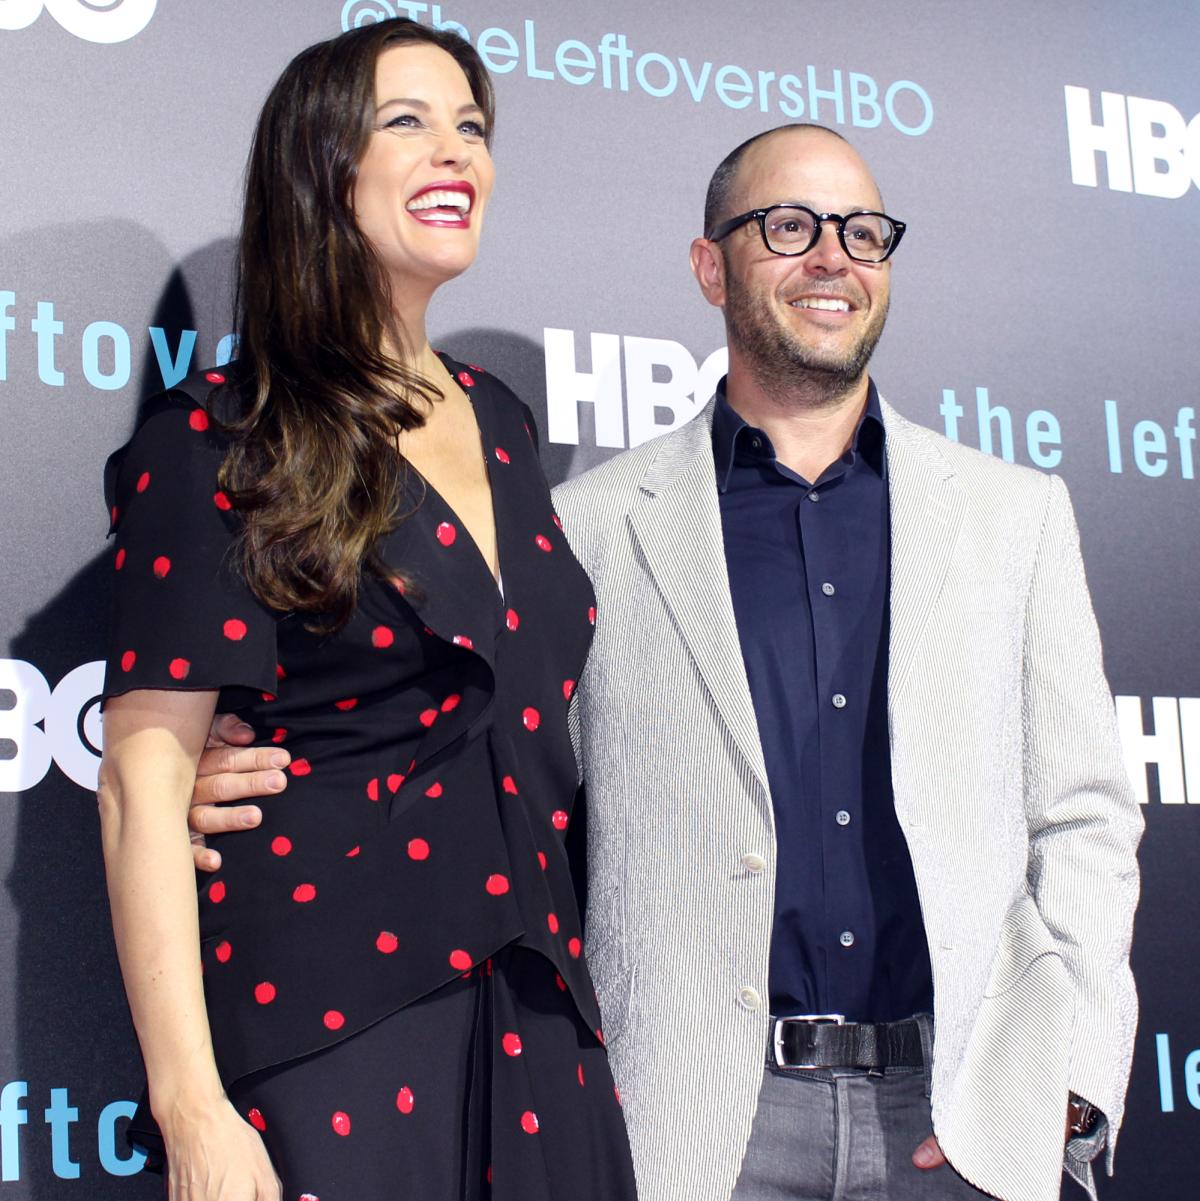 The Leftovers HBO Season 2 red carpet premiere Liv Tyler Damon Lindelof October 2015